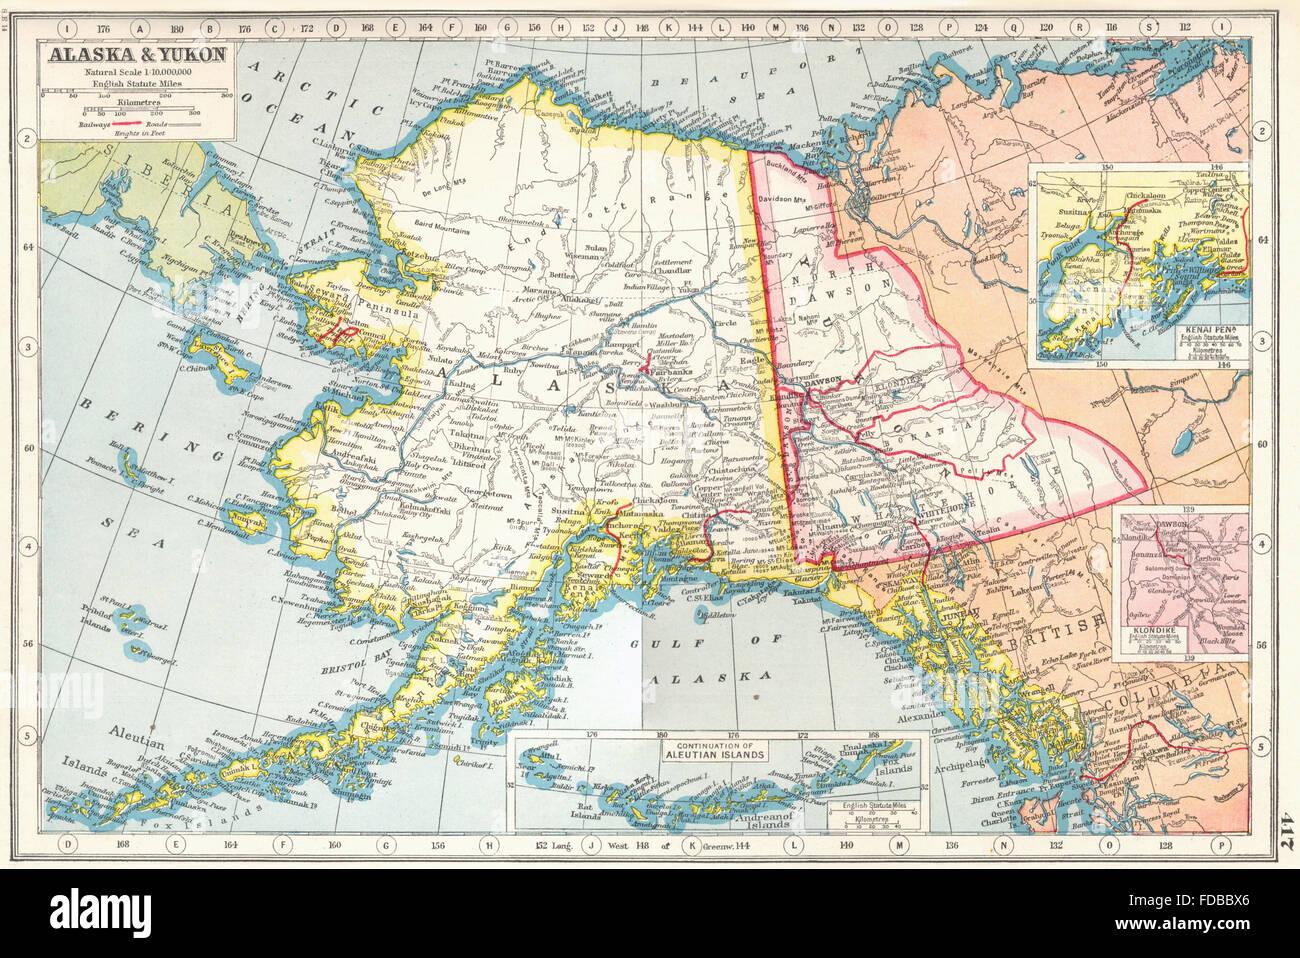 Alaska yukon inset kenai peninsula klondike harmsworth 1920 alaska yukon inset kenai peninsula klondike harmsworth 1920 vintage map gumiabroncs Gallery